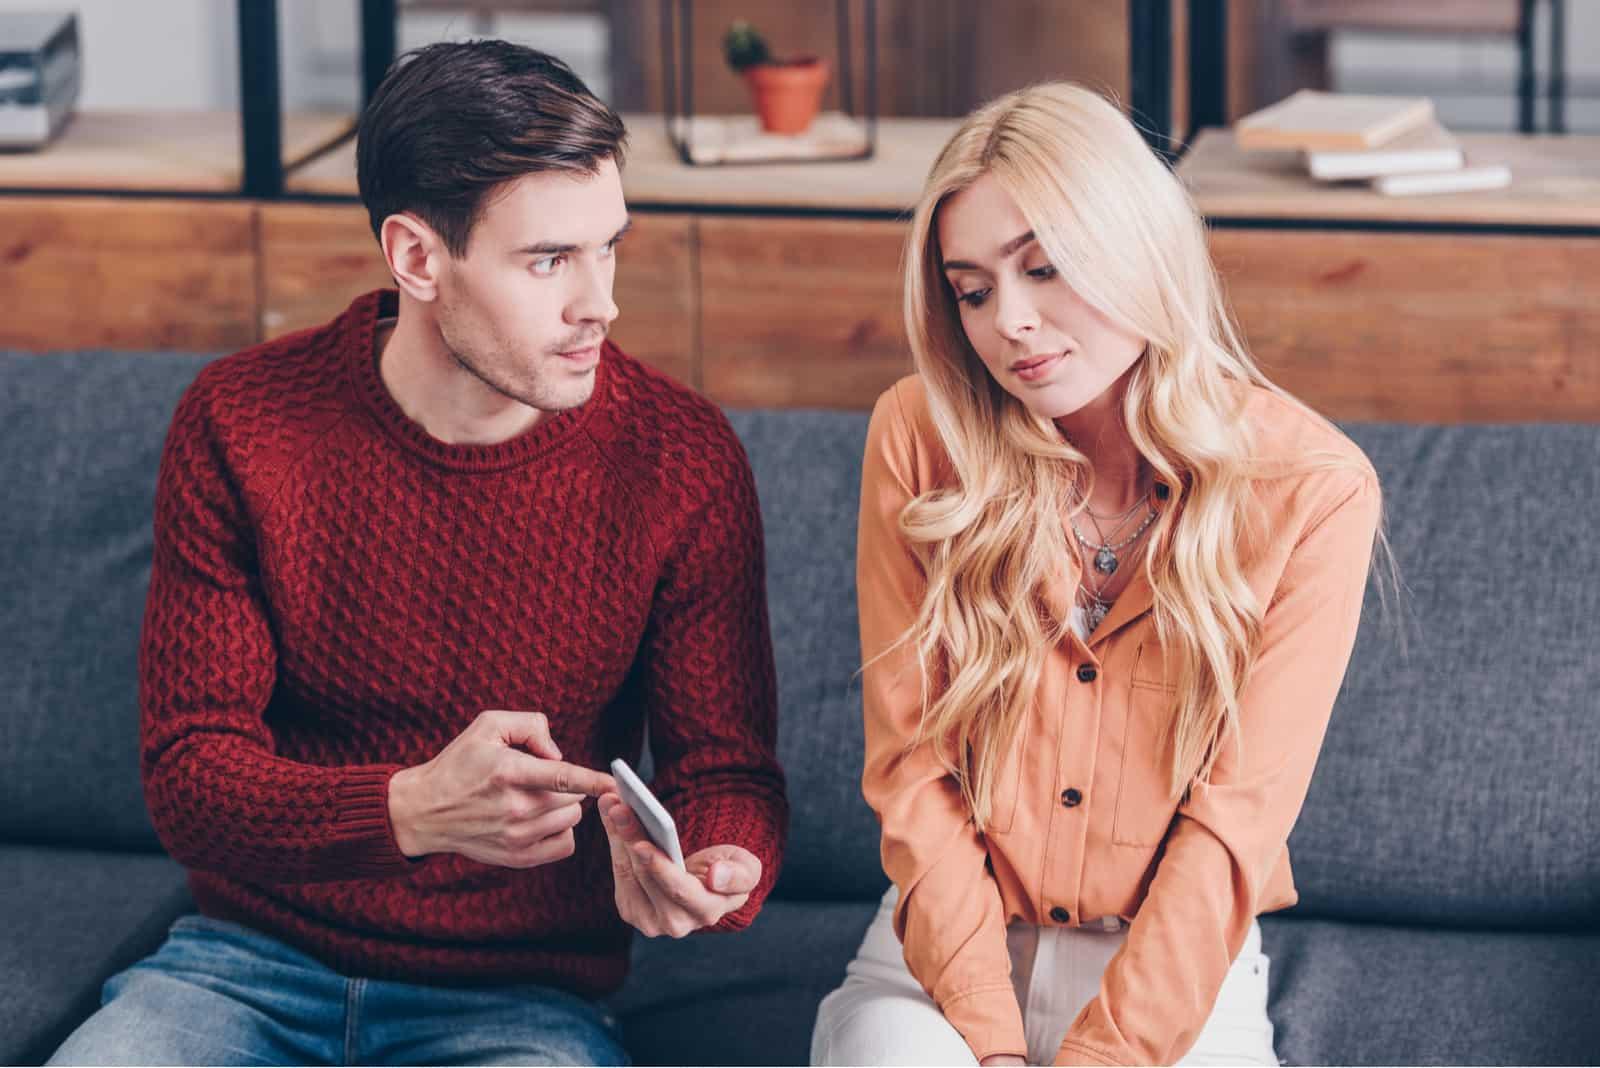 Ein eifersüchtiger Mann zeigt einer Frau auf einem Smartphone etwas